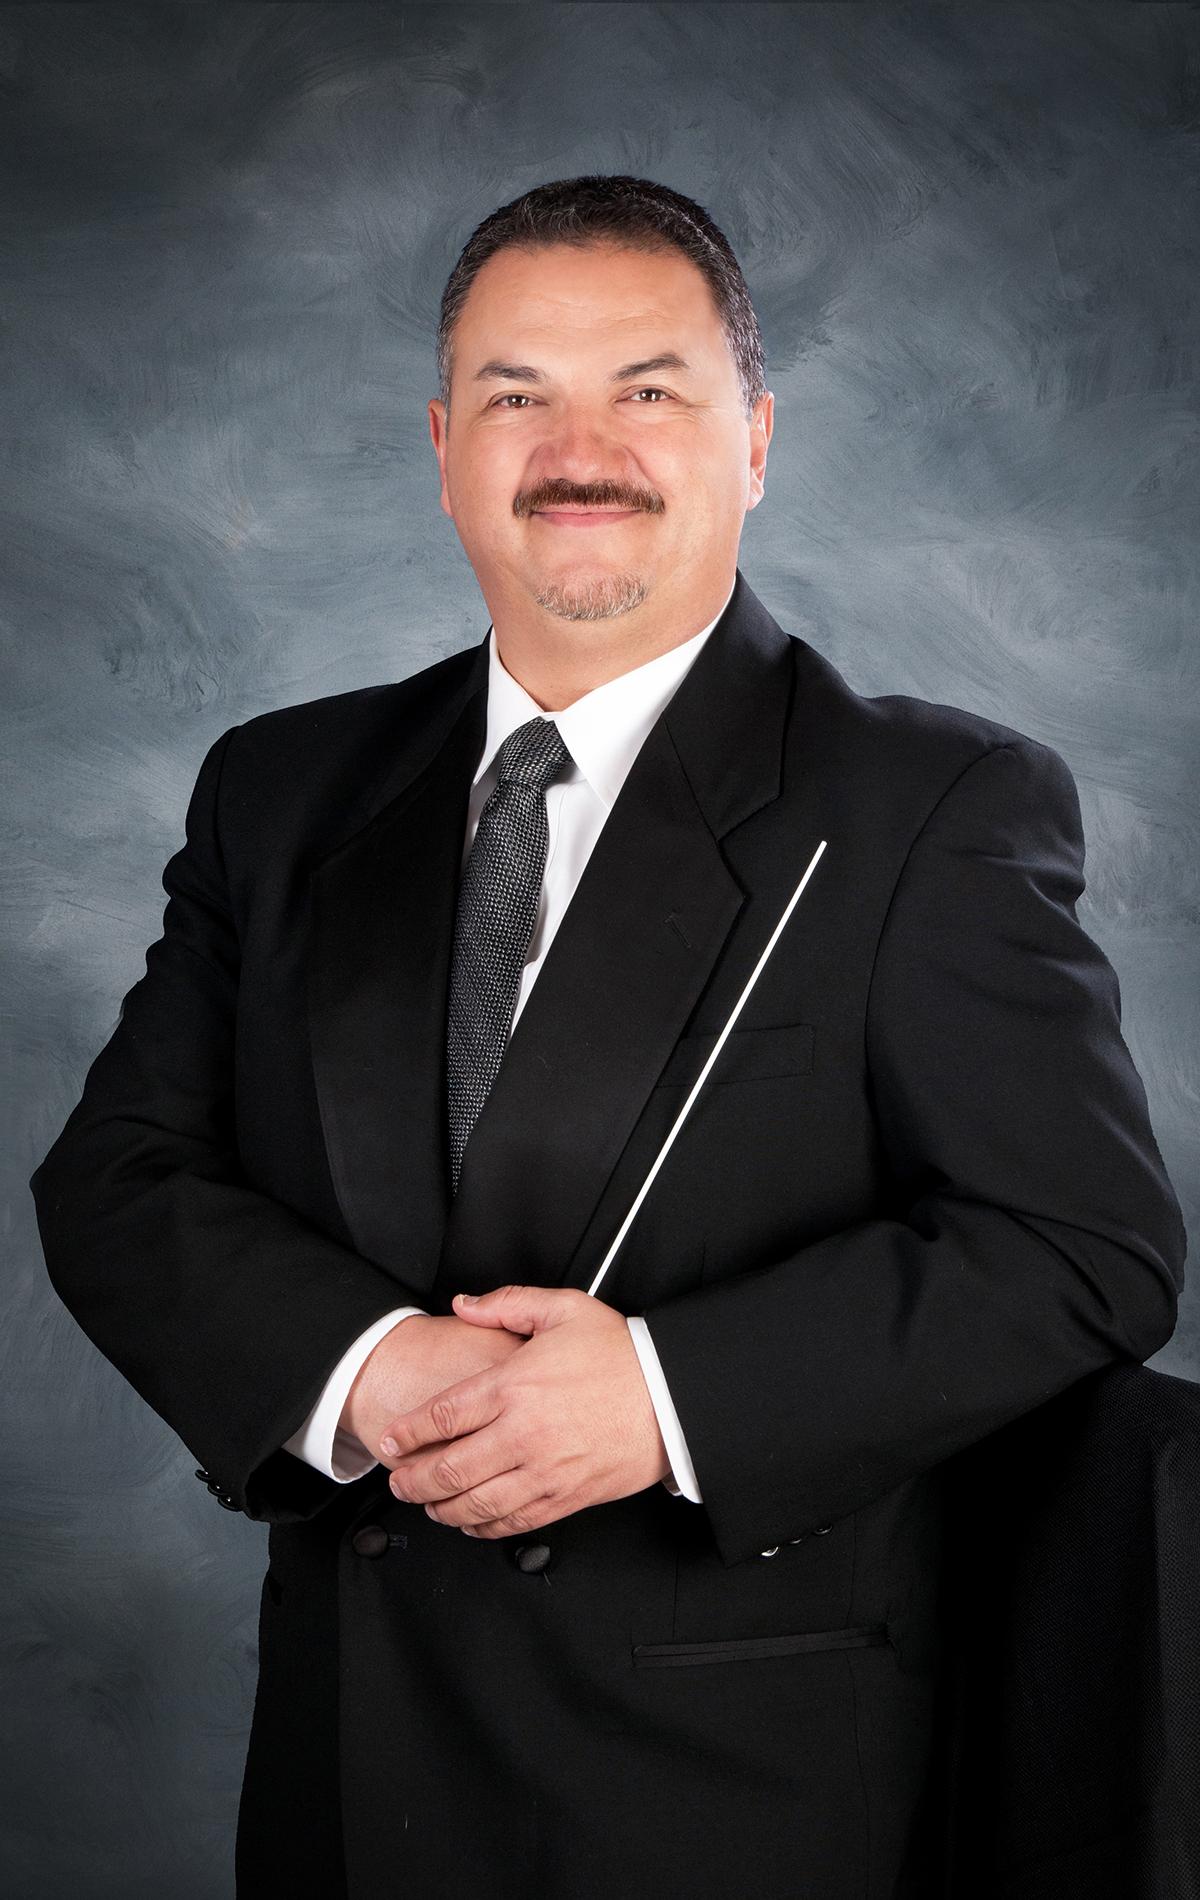 Musician Portrait Photographer